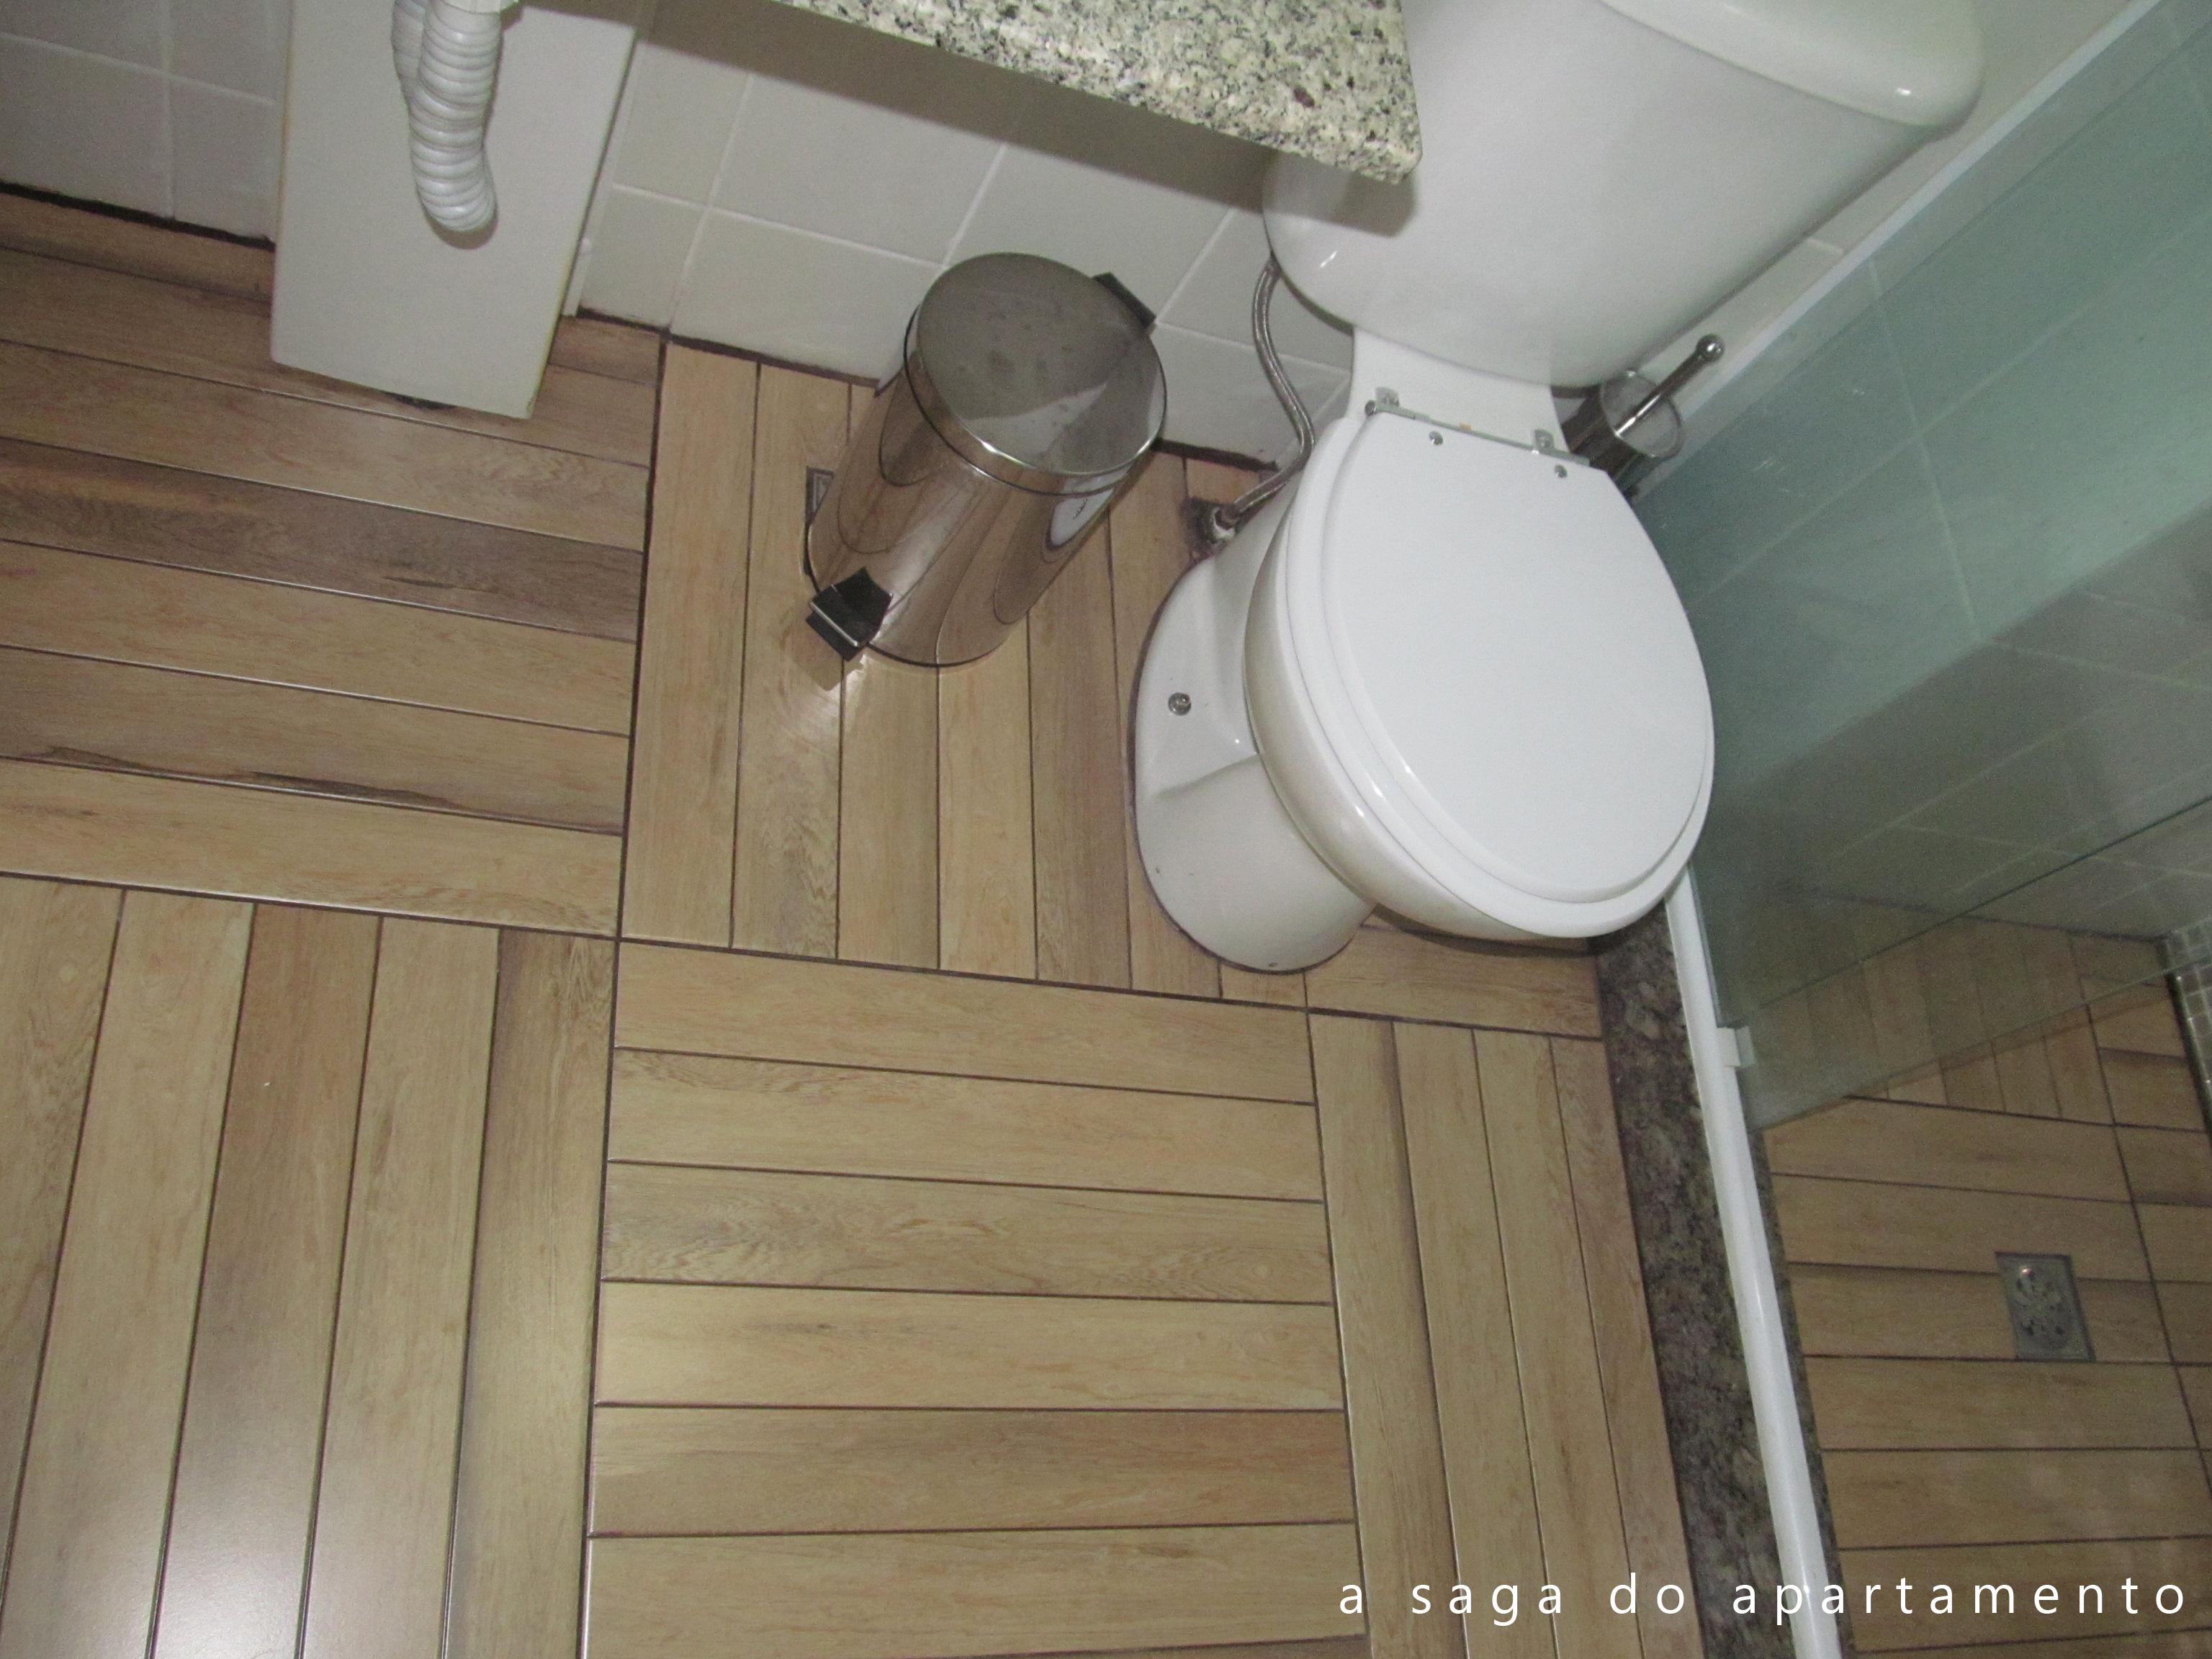 de Madeira? Revestindo Banheiro e Varanda DECORAÇÃO DE INTERIORES #5E4E3E 3072x2304 Banheiro Com Janela Interna